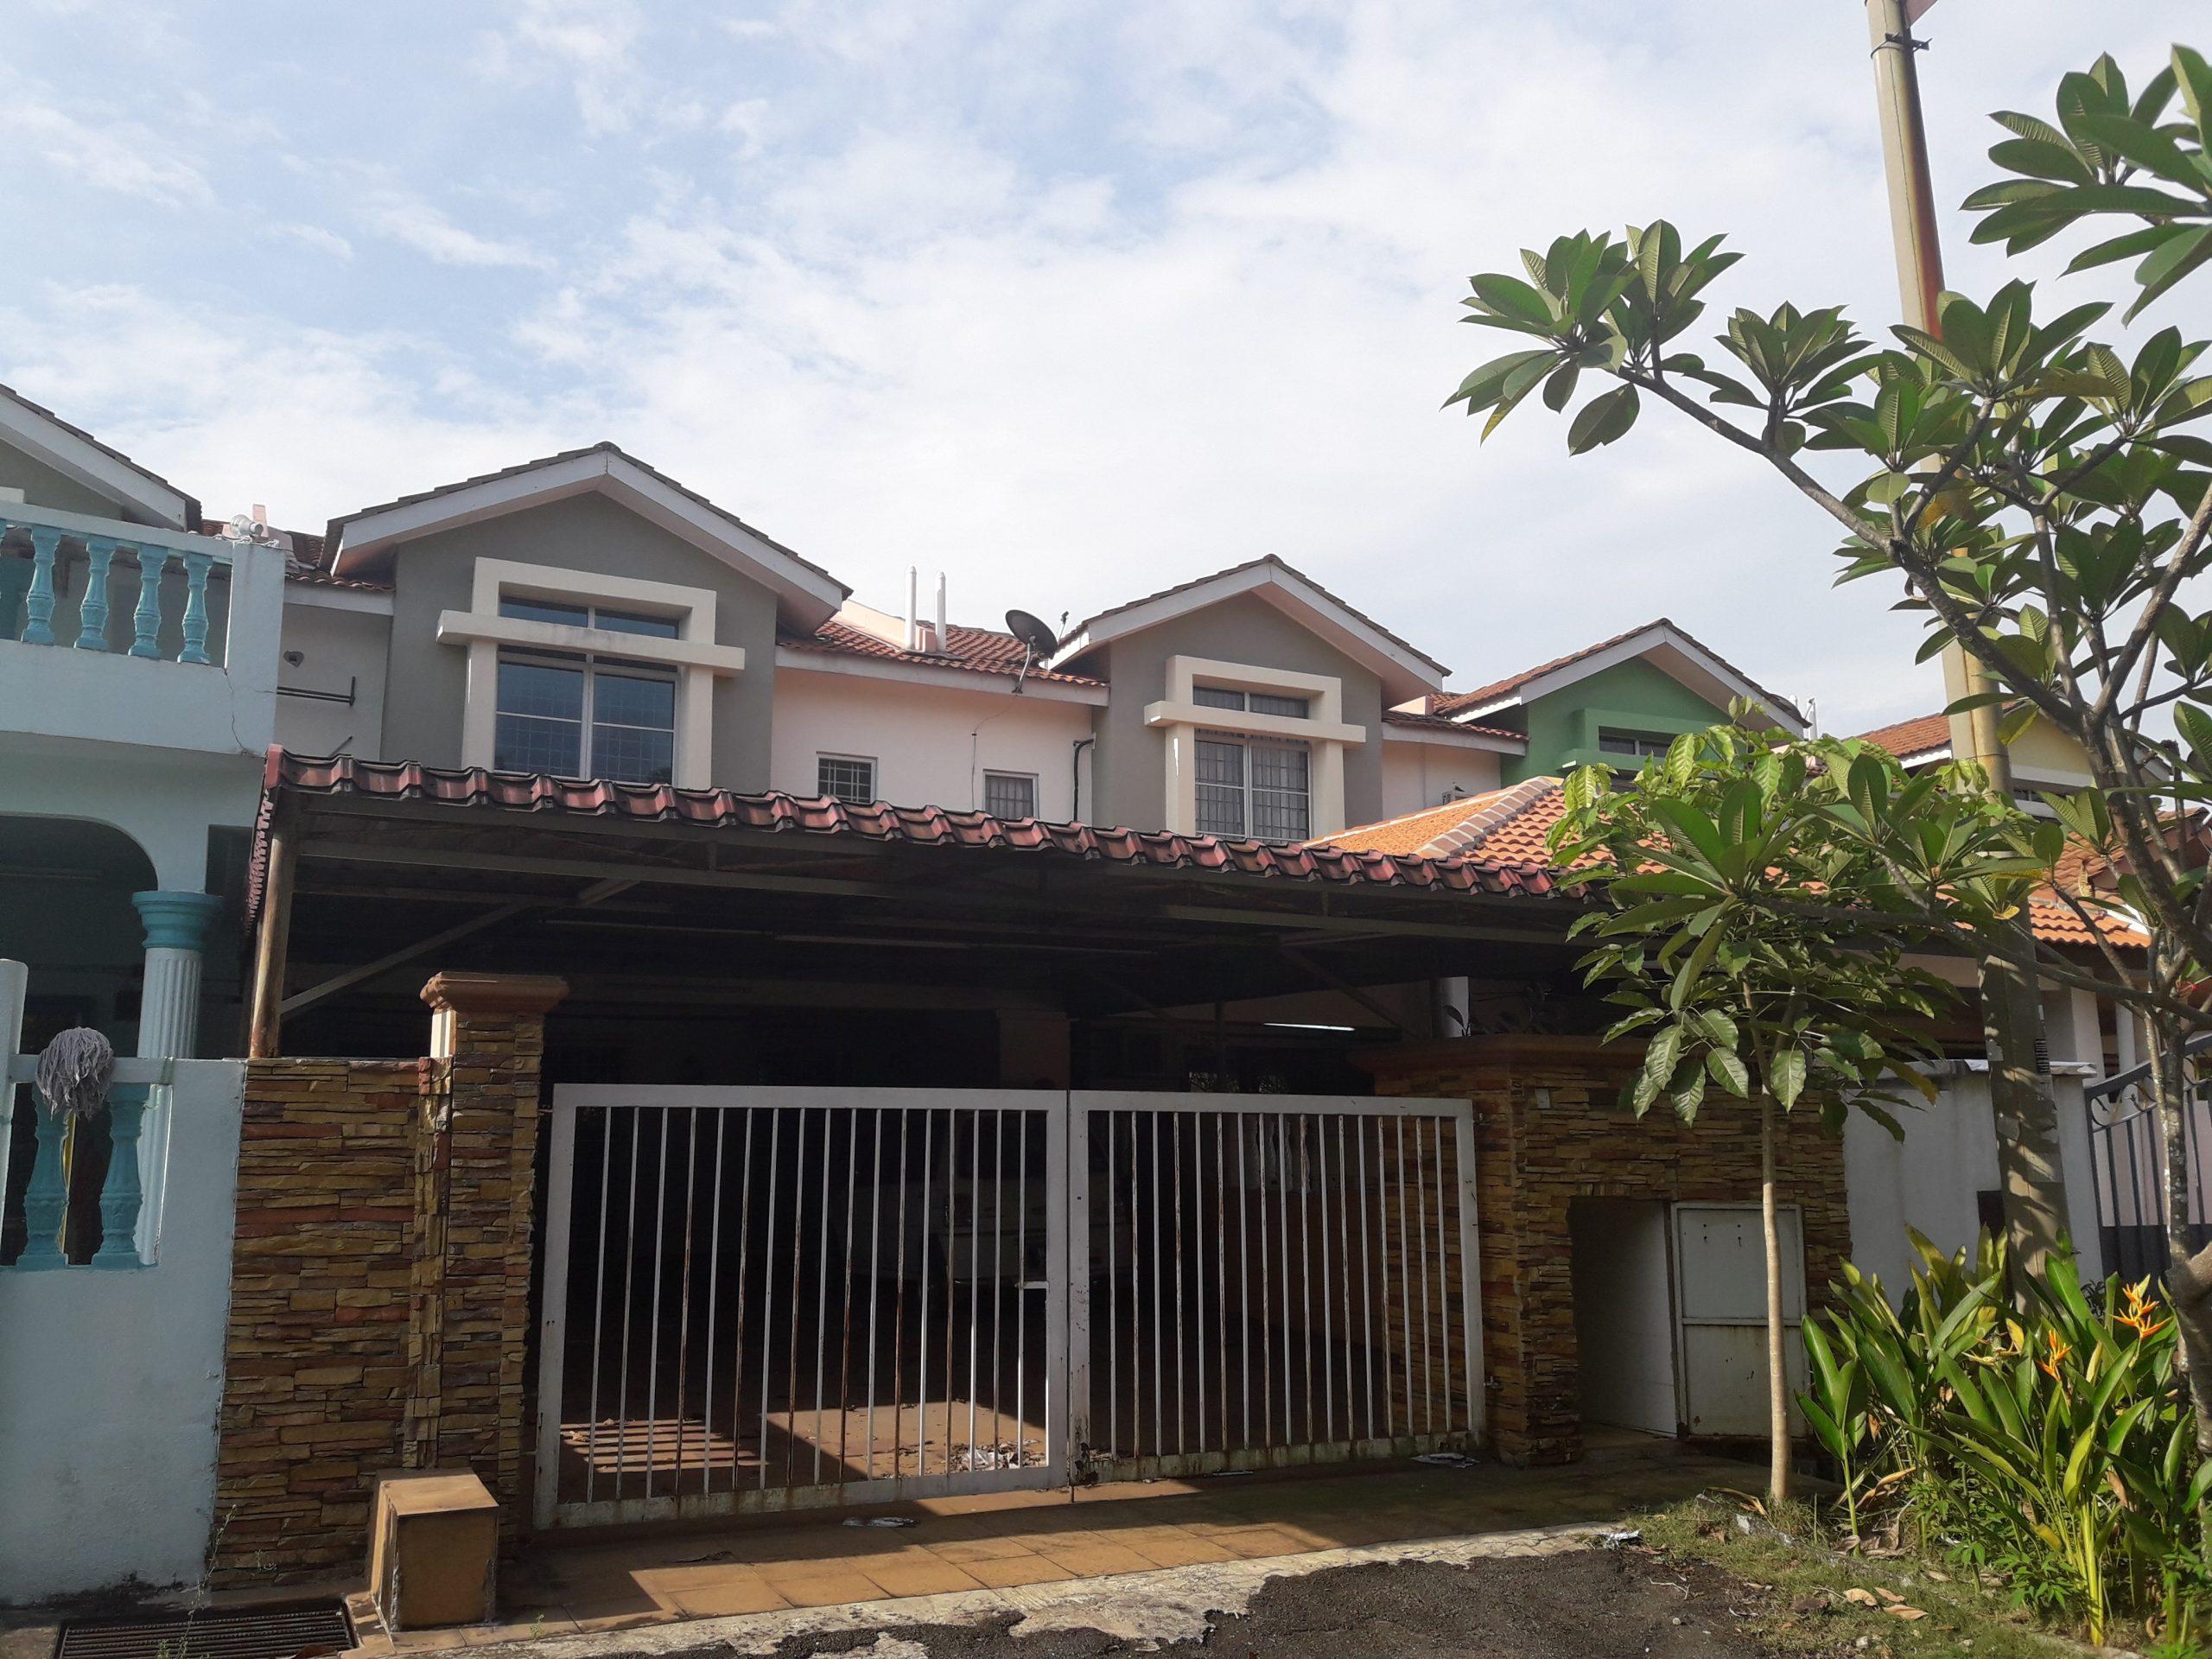 TAMAN DESA MAS (FASA 2) BANDAR COUNTRY HOMES, RAWANG